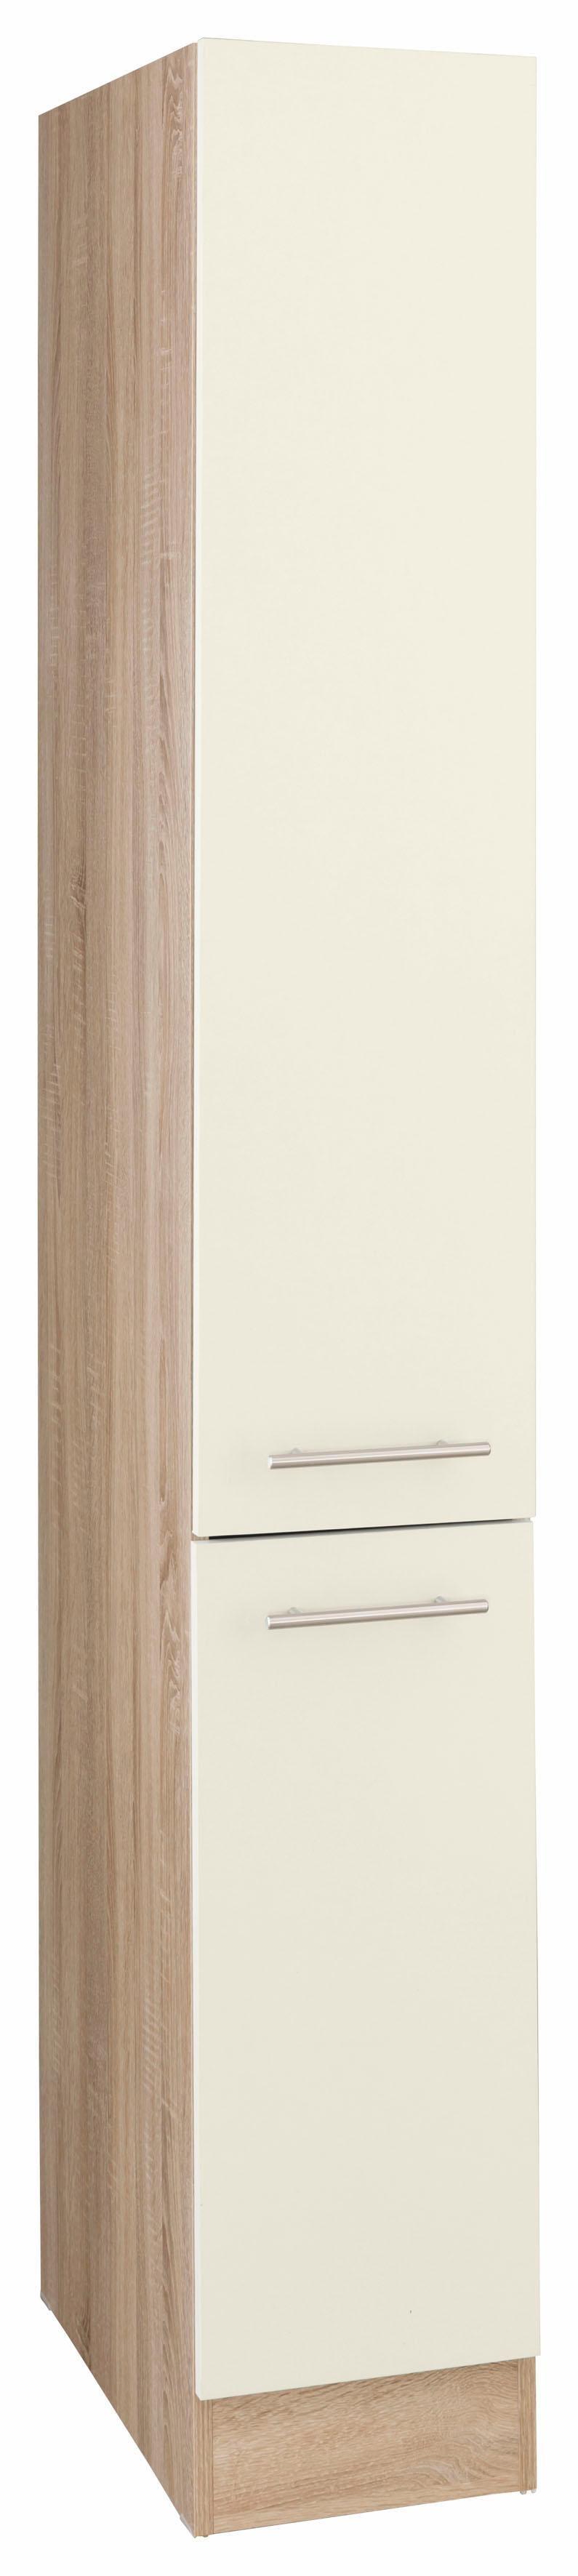 OPTIFIT Apothekerschrank Kalmar | Küche und Esszimmer > Küchenschränke > Apothekerschränke | Nachbildung - Edelstahl - Eiche - Melamin | Optifit